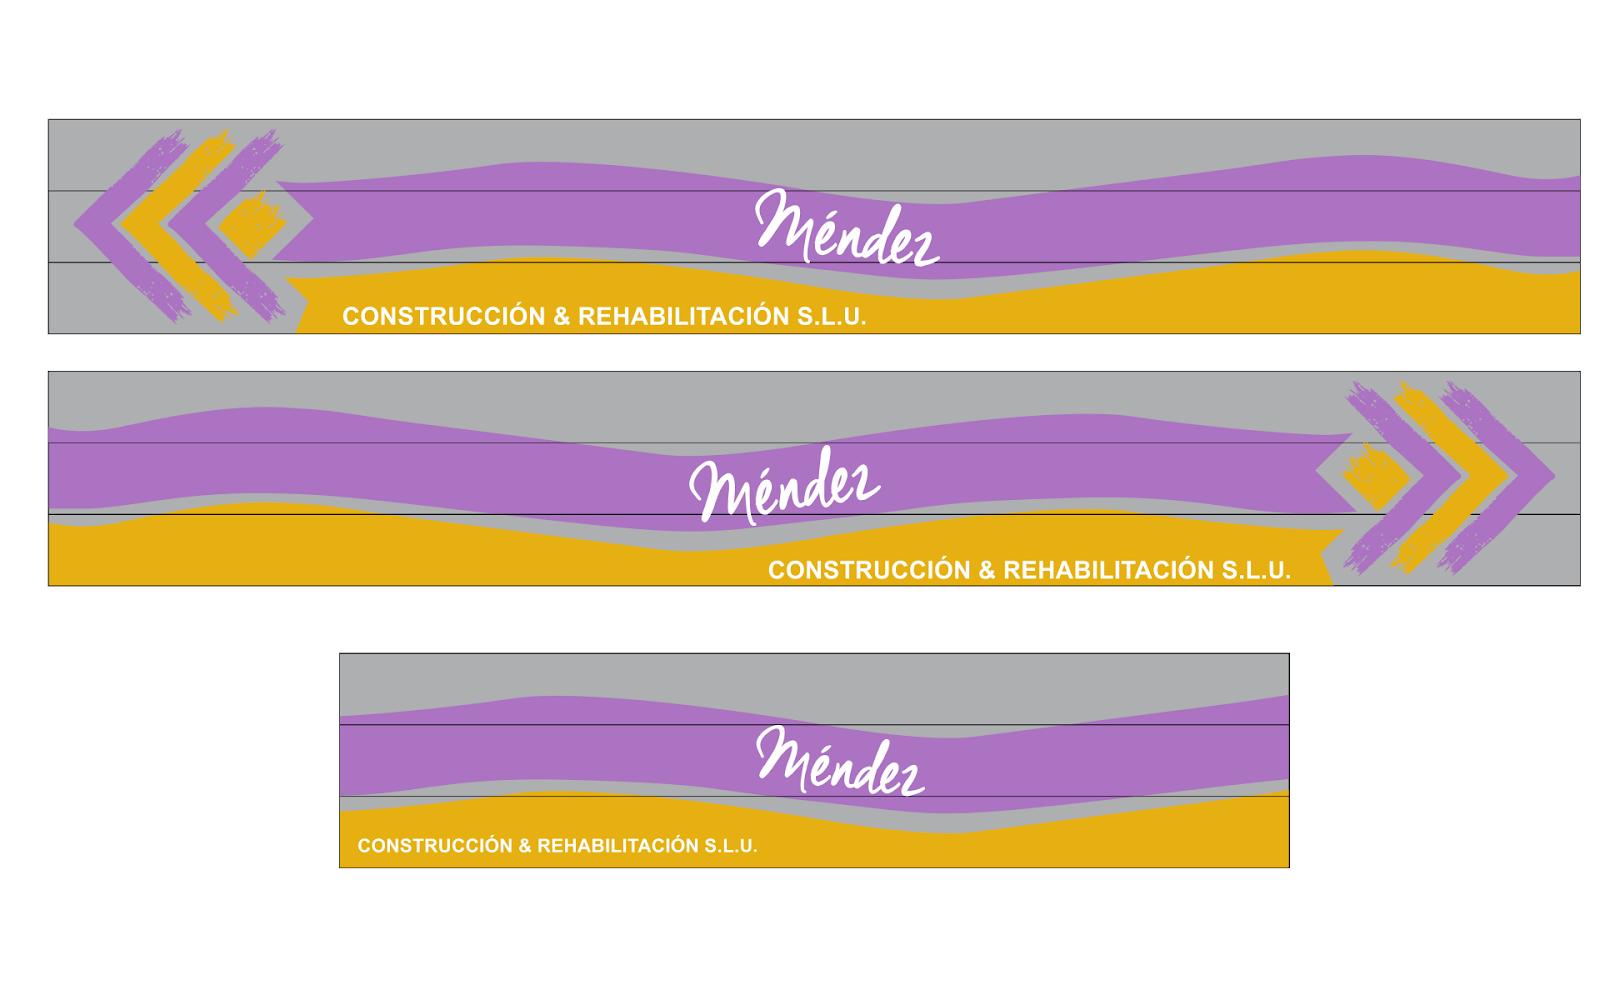 Mendez Construccion Y Rehabilitacion S.l.